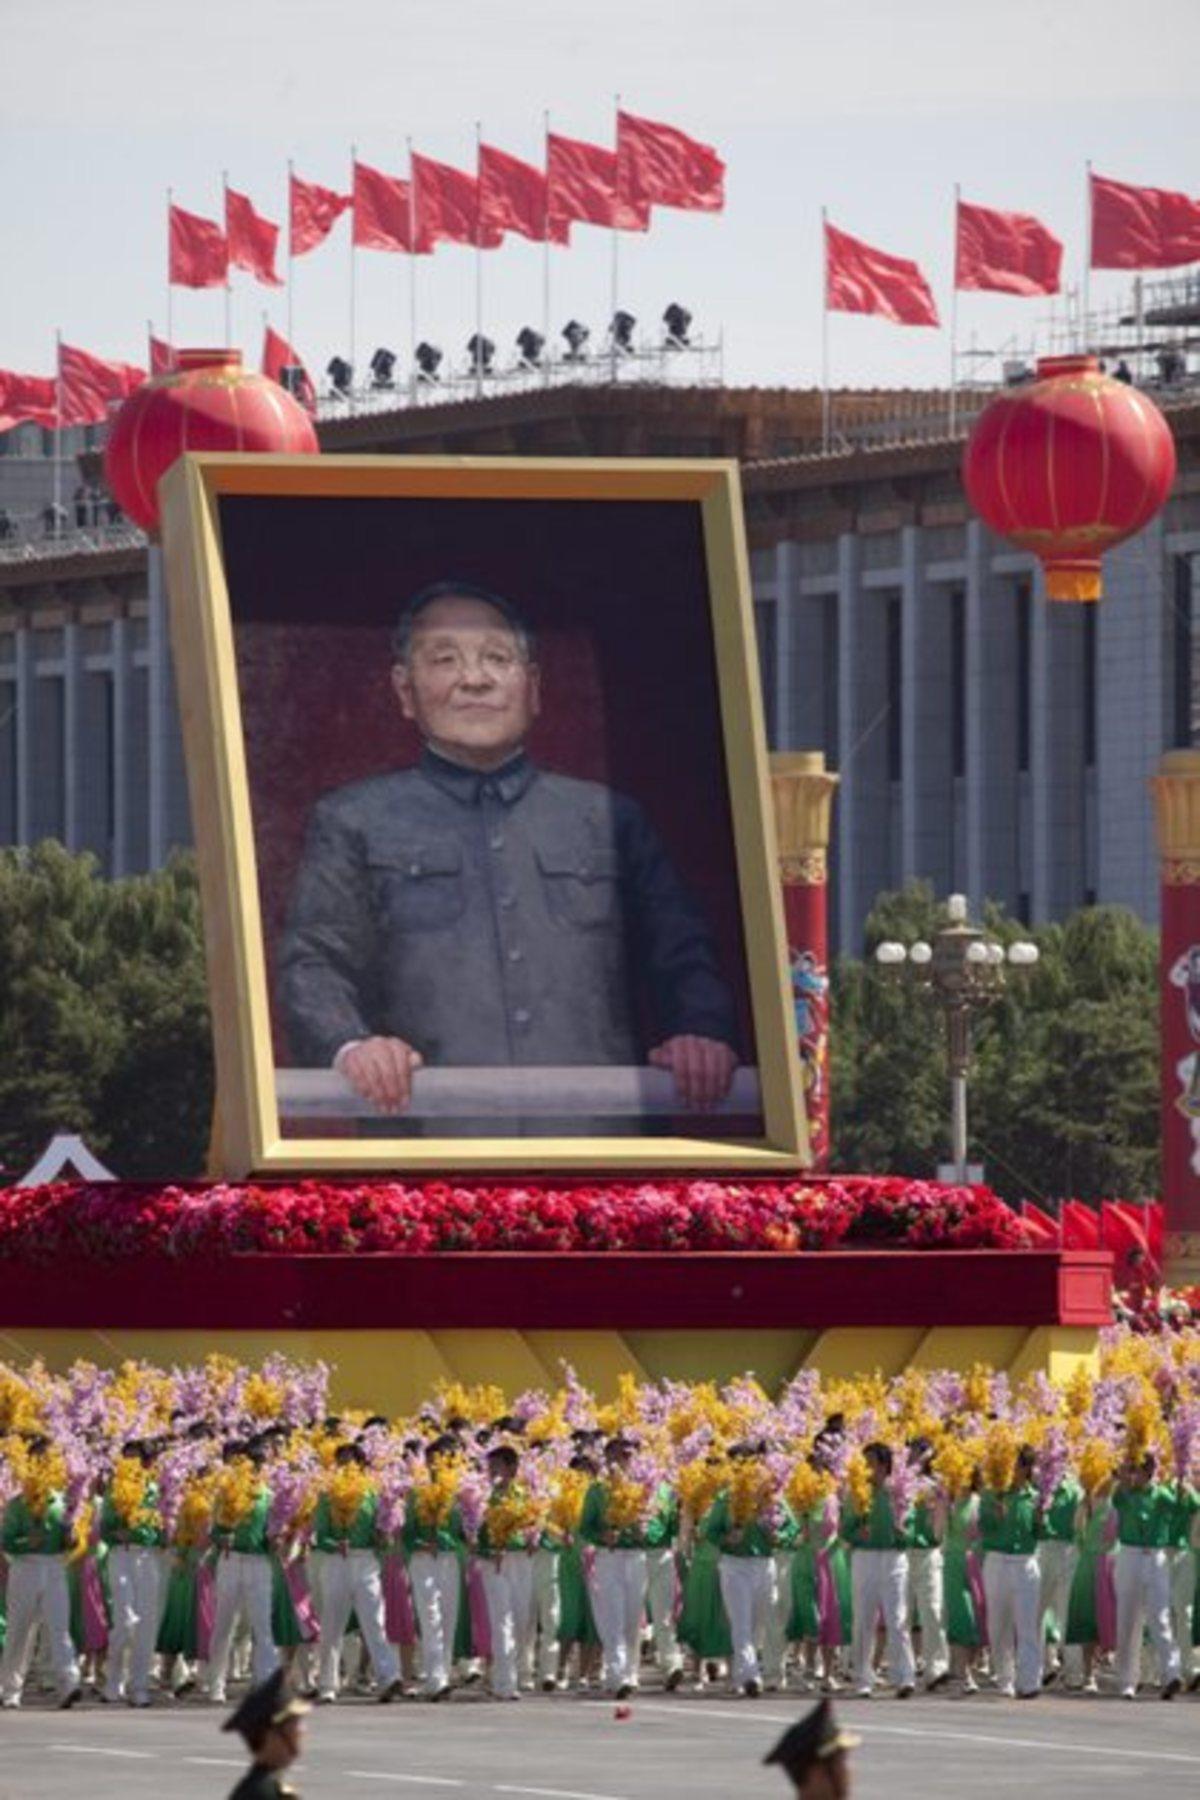 Επίδειξη ισχύος από την Κίνα παρά την οικονομική κρίση | Newsit.gr